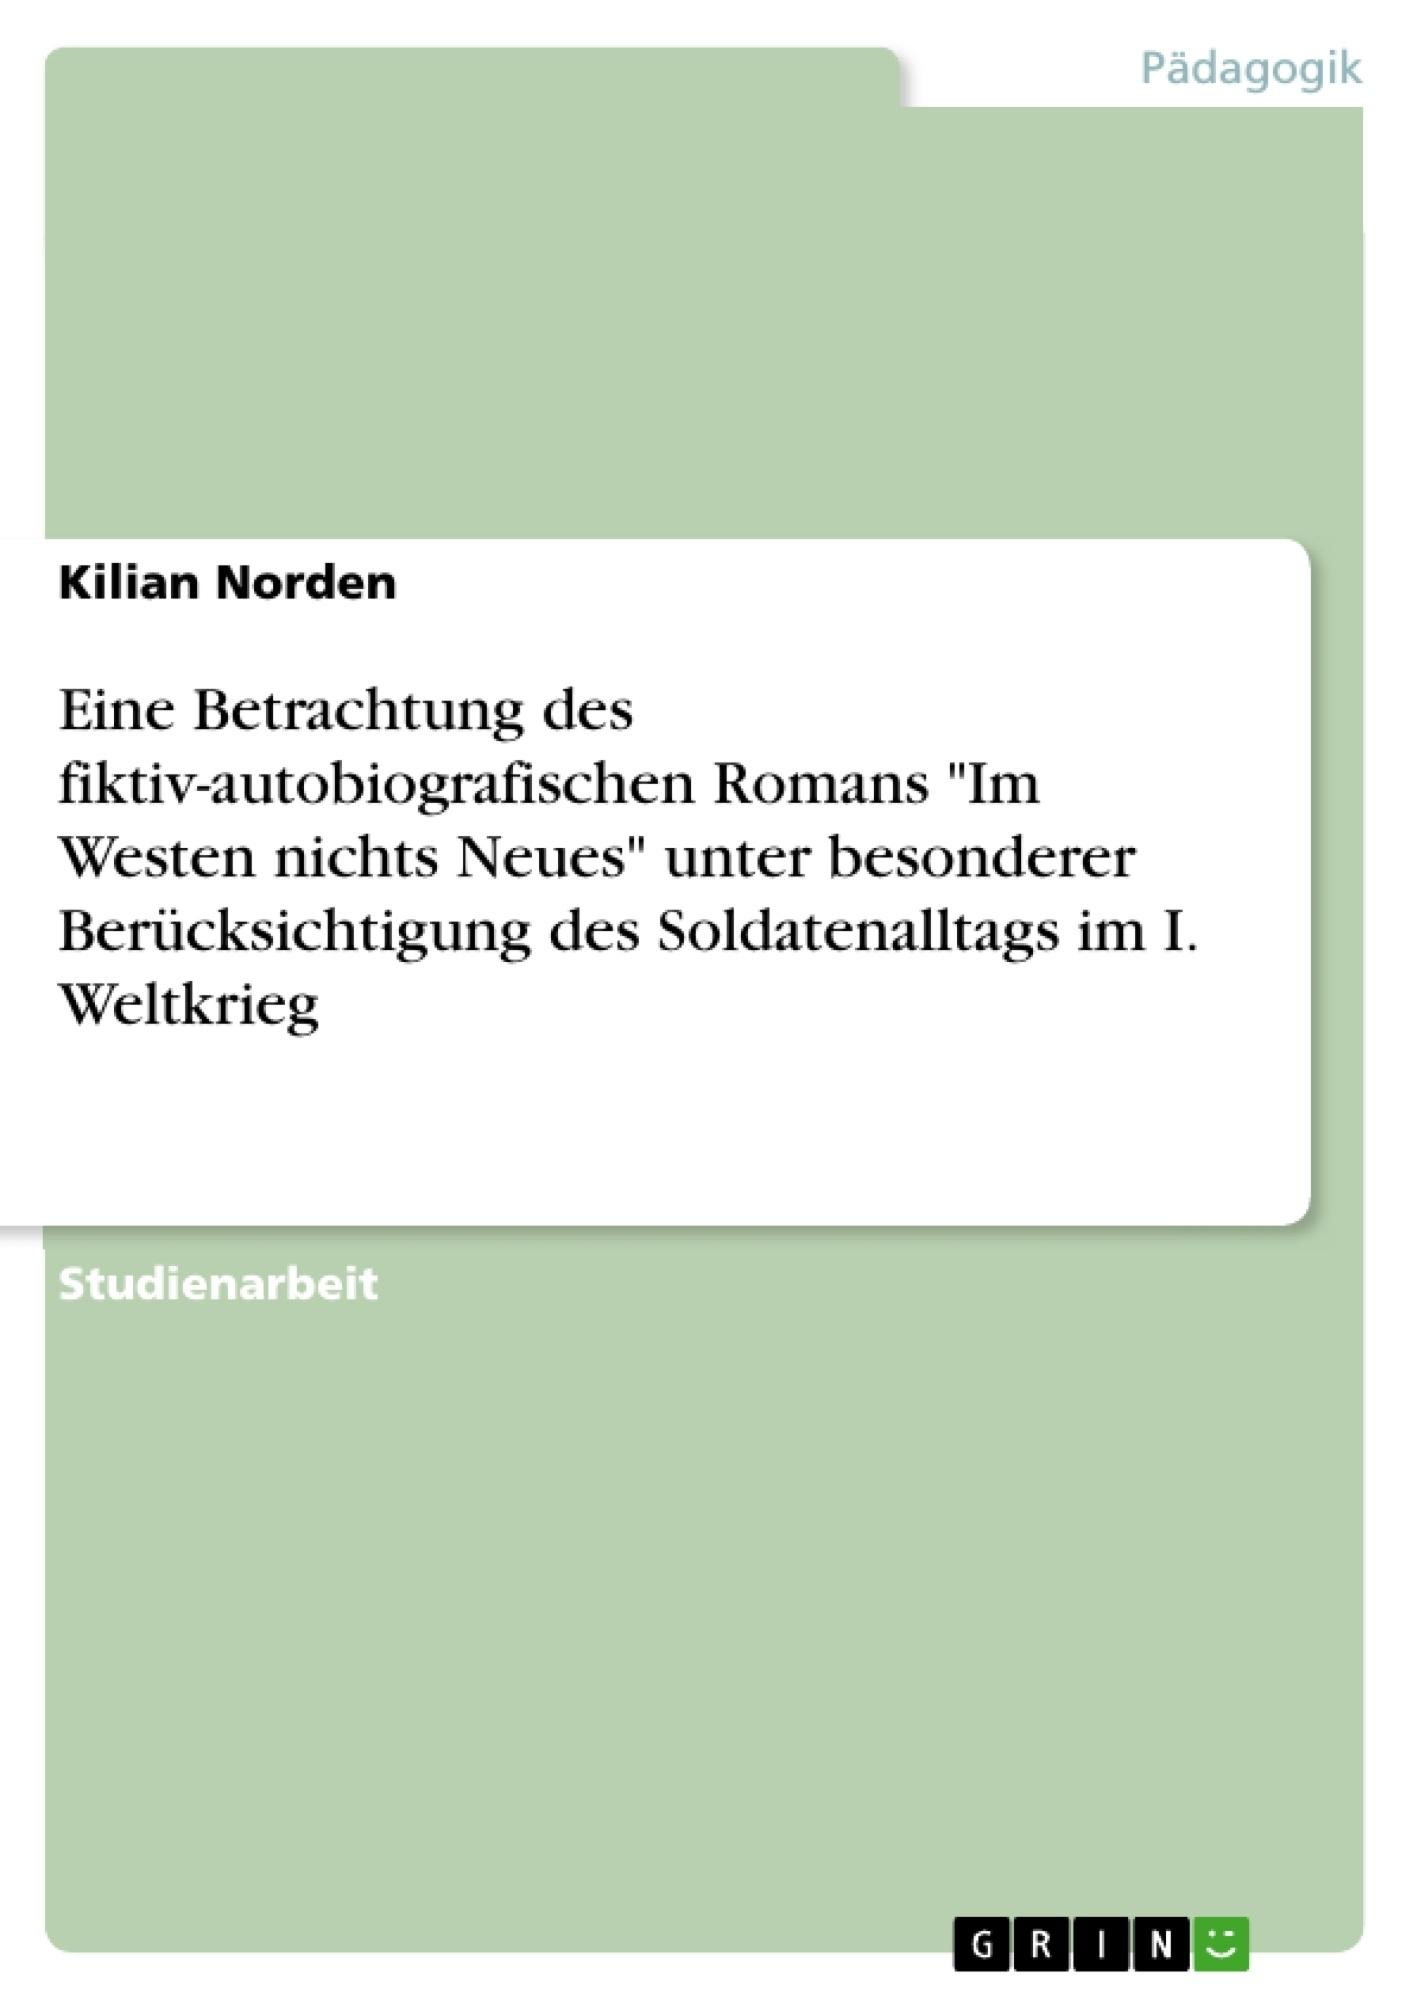 """Titel: Eine Betrachtung des fiktiv-autobiografischen Romans """"Im Westen nichts Neues"""" unter besonderer Berücksichtigung des Soldatenalltags im I. Weltkrieg"""